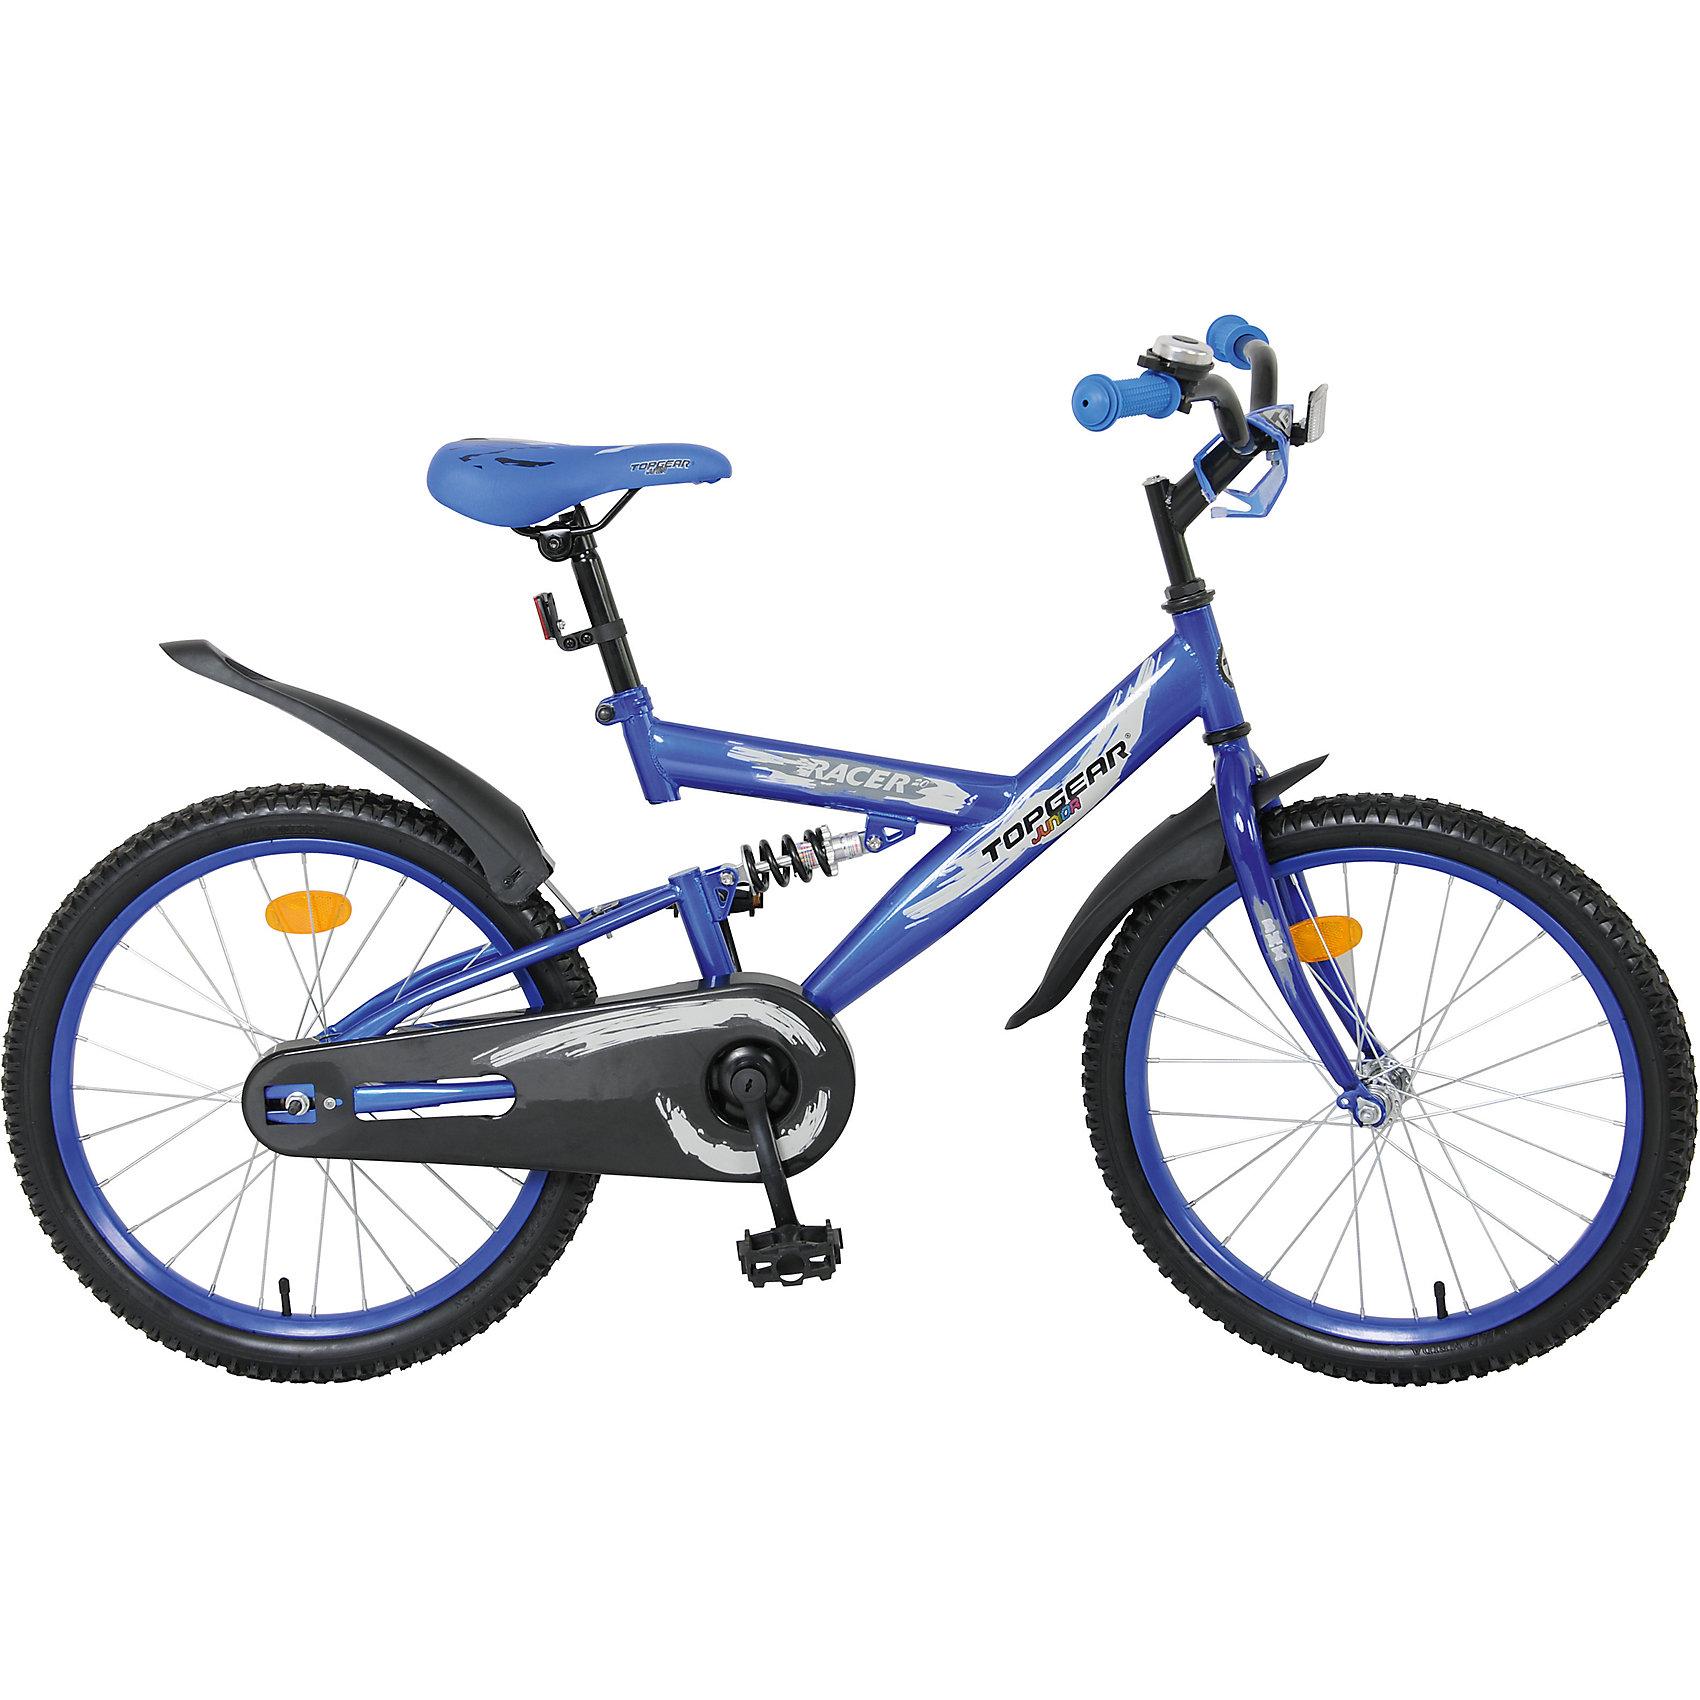 Велосипед Junior Racer, синий, Top GearВелосипеды детские<br>Велосипед Junior Racer, синий, Top Gear (Топ Гир) - это взрослое качество и характеристики в детском велосипеде!<br>Top Gear Junior - коллекция люксового сегмента, велосипеды взрослого качества и конструкции - специально для детей. Продукция Top Gear Junior обладает всеми улучшенными характеристиками Navigator, а также своими уникальными особенностями. Велосипеды выгодно выделяются, благодаря яркому цветному дизайну седла и вставок в колёса и разнообразным дополнительным аксессуарам. Велосипед Junior Racer имеет двухподвесную амортизационную раму, еврокаретку и полную защиту цепи, что делает его надежным и комфортным. Ручки велосипеда покрыты нескользящими накладками. Сидение мягкое, эргономичное, регулируется по высоте. Педали имеют противоскользящую рифленую поверхность. Комплектуется выдвижной подножкой, звонком, светоотражателями. Надежный и функциональный велосипед Junior Racer одинаково подойдет и для прогулок по городу, и для езды по пересеченной местности.<br><br>Дополнительная информация:<br><br>- Велосипед предназначен для детей от 7 до 14 лет<br>- Подходит для детей ростом 120 - 145 см<br>- Тип велосипеда: горный<br>- Конструкция вилки: жесткая<br>- Модель универсальна, предназначена для девочек и мальчиков<br>- Диаметр колес: 20 дюймов<br>- Цвет: синий<br>- Материал рамы: сталь<br>- Материал руля: сталь<br>- Вес в упаковке: 12,7 кг.<br><br>Велосипед Junior Racer, синий, Top Gear (Топ Гир) можно купить в нашем интернет-магазине.<br><br>Ширина мм: 1080<br>Глубина мм: 165<br>Высота мм: 510<br>Вес г: 12700<br>Возраст от месяцев: 84<br>Возраст до месяцев: 144<br>Пол: Унисекс<br>Возраст: Детский<br>SKU: 4655140